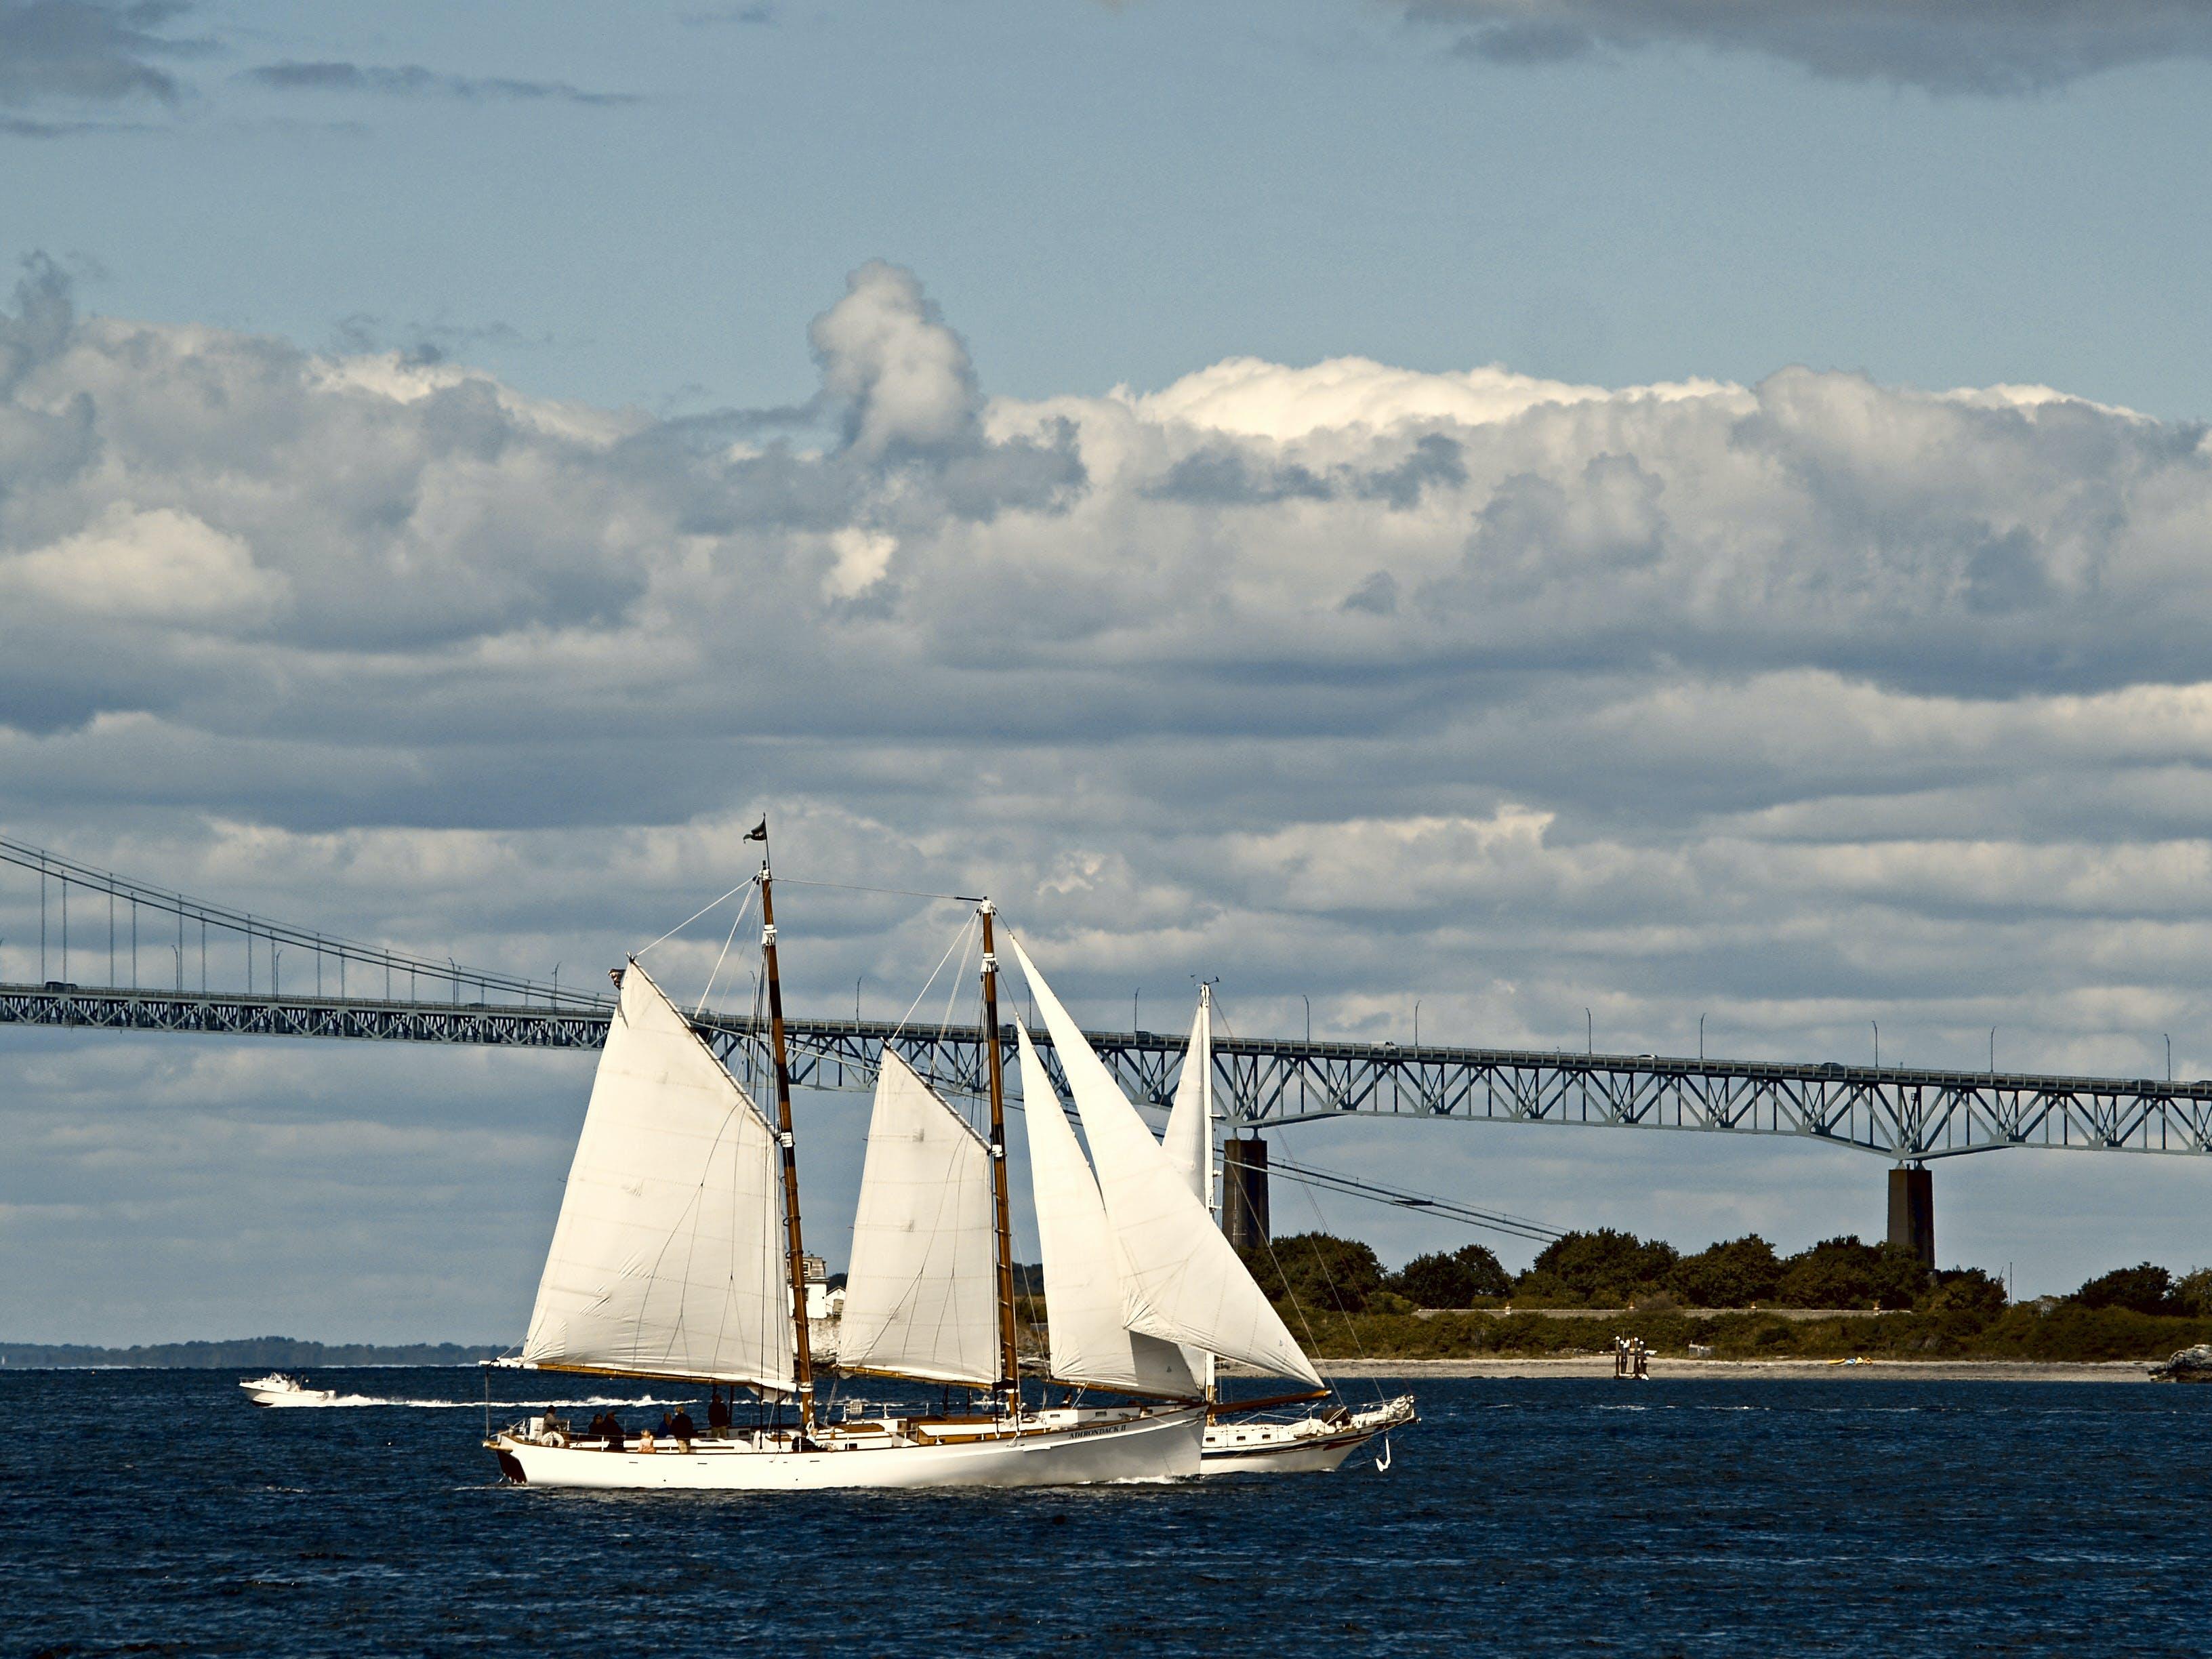 Free stock photo of boat, sailboat, sailing